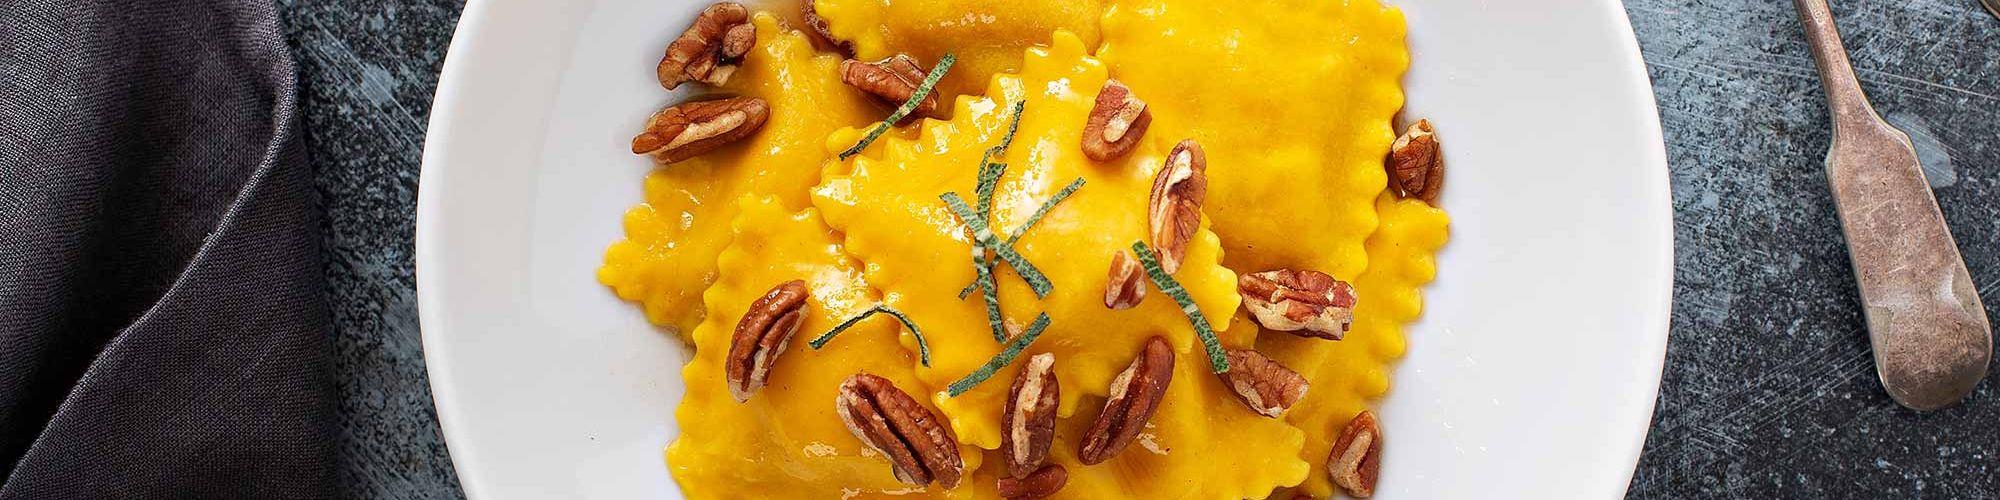 ricetta Tortelli di zucca al burro nocciola e noci pecan con pasta fresca